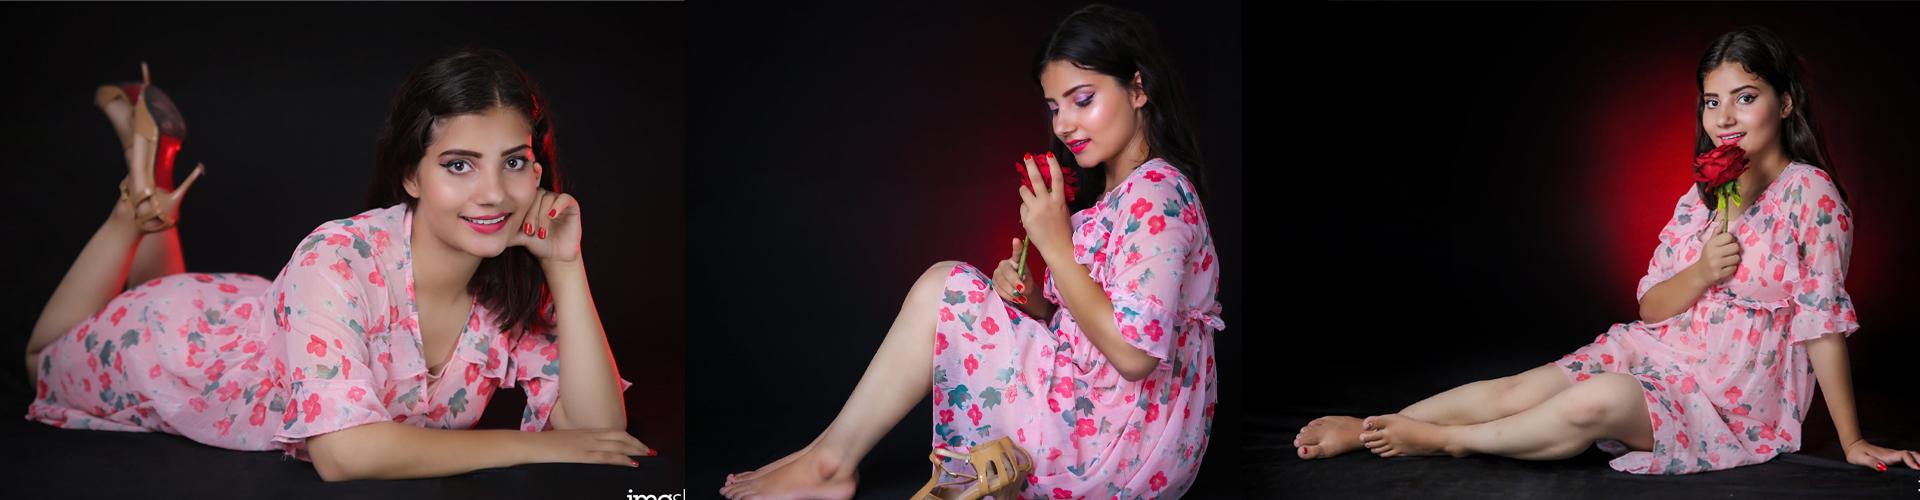 Oshin Dahal - ImgStock, Modeling Photography in Biratnagar